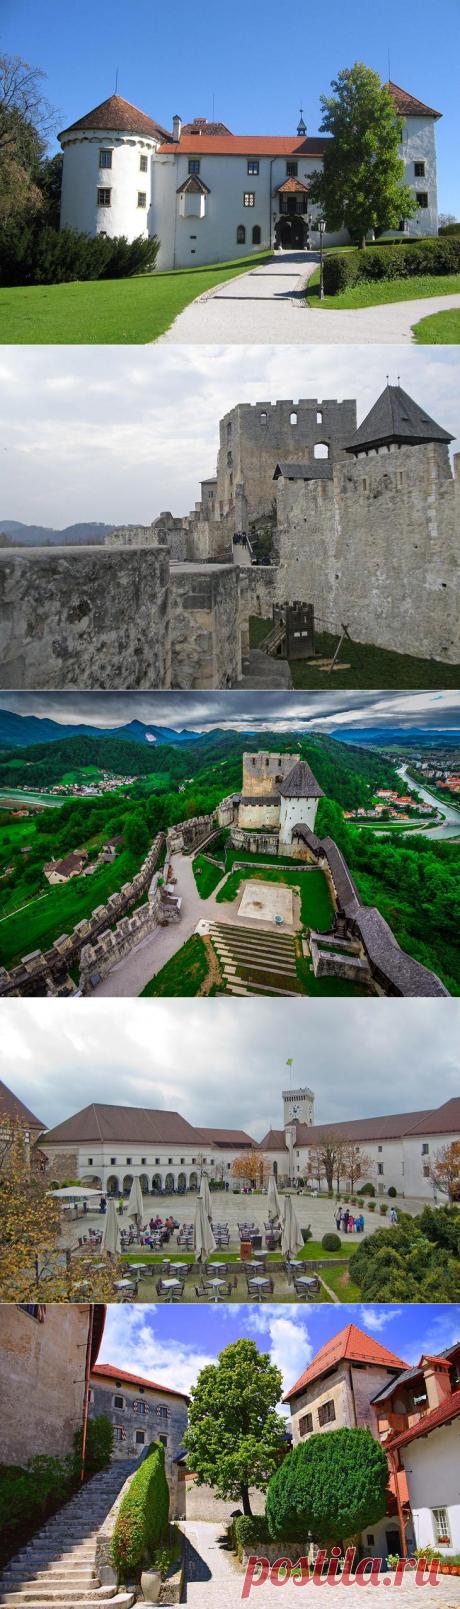 Замки Словении: 10 самых известных древних сооружений